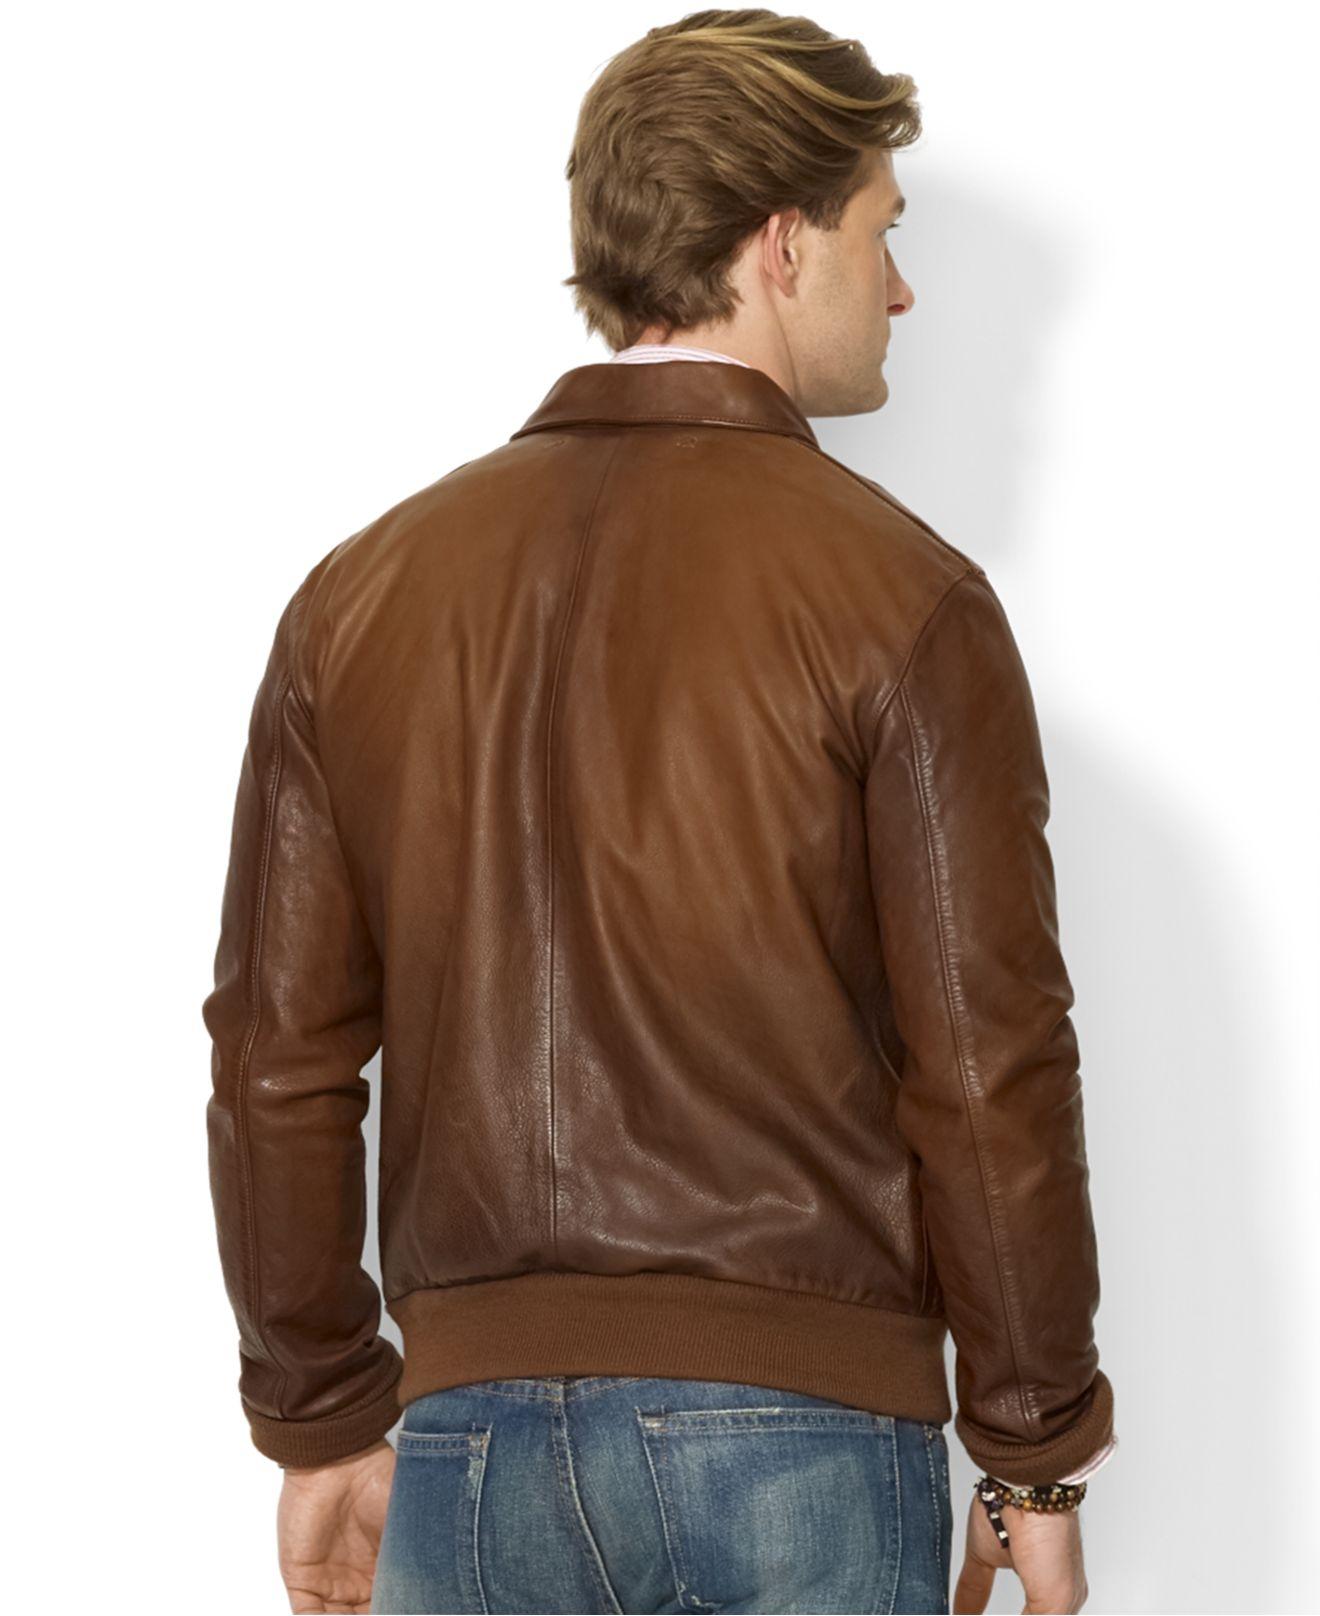 For Polo Men Ralph Lauren Lyst Farrington Bomber In Jacket Brown vw8Wqdg